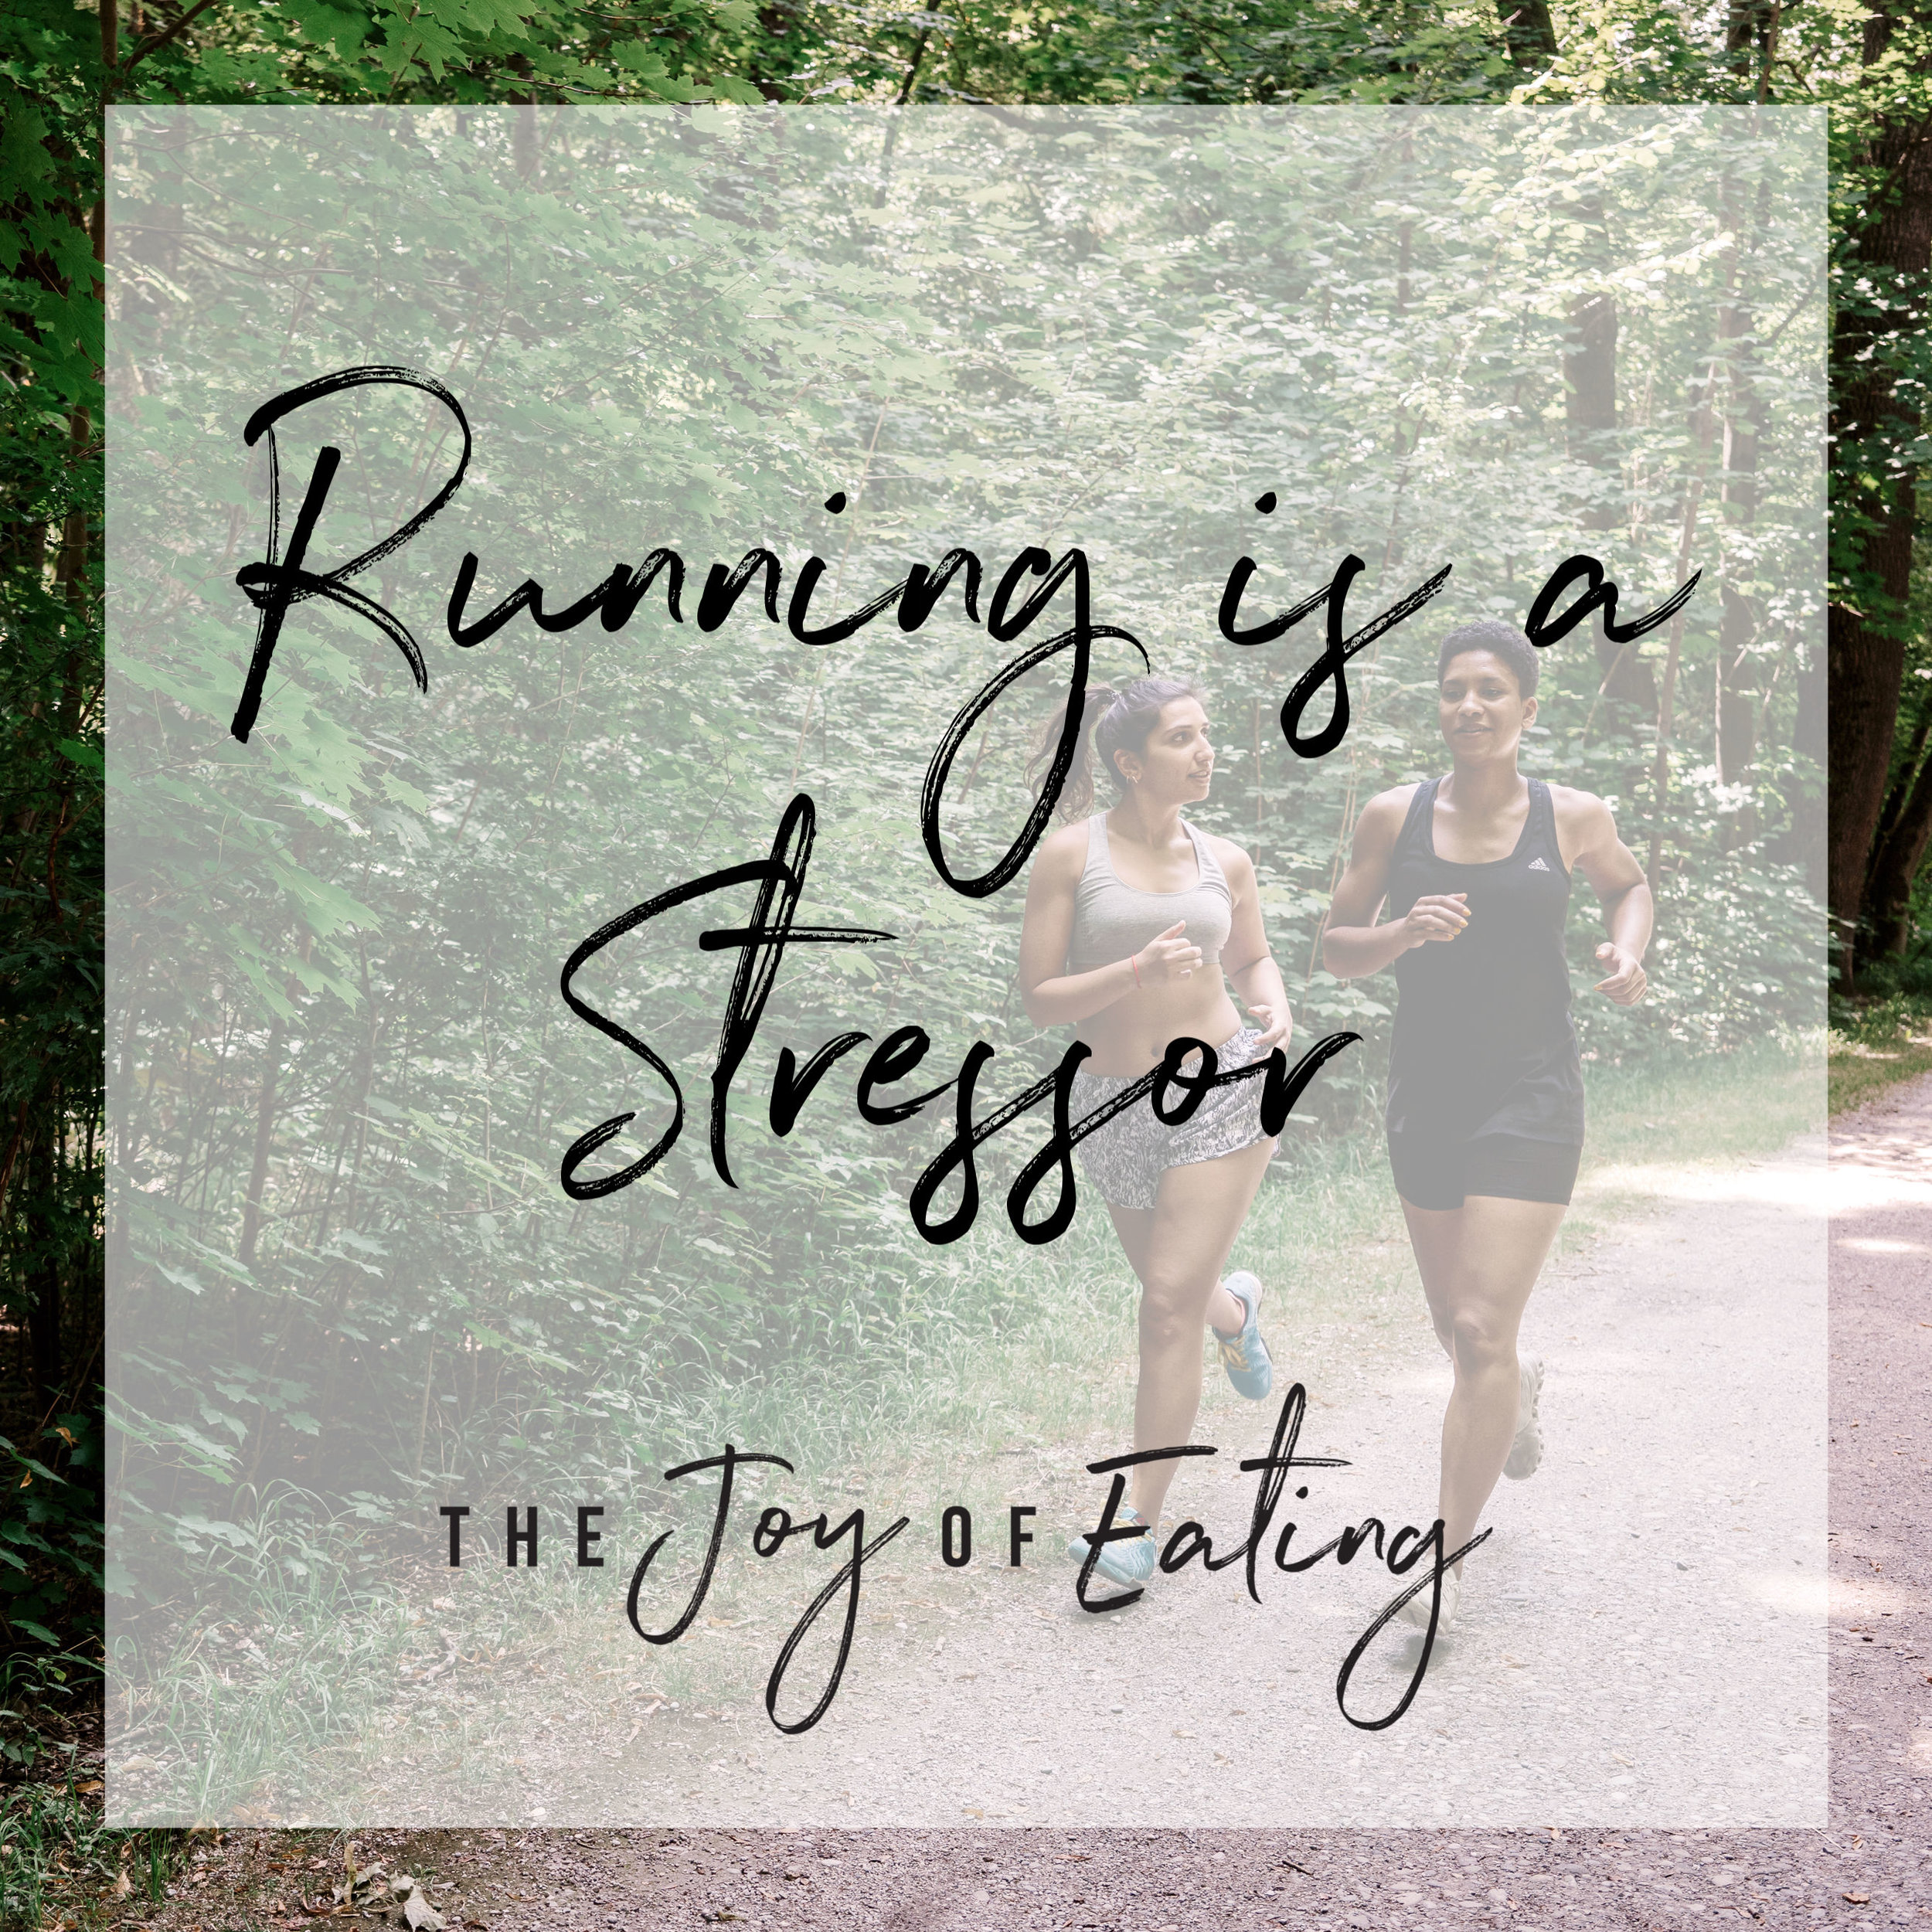 治疗是被感染的压力,但,身体的压力,只是个像是个大障碍。那不是说你想让你和你的人保持清醒,你得好好享受……###########慢跑,慢跑,慢跑#